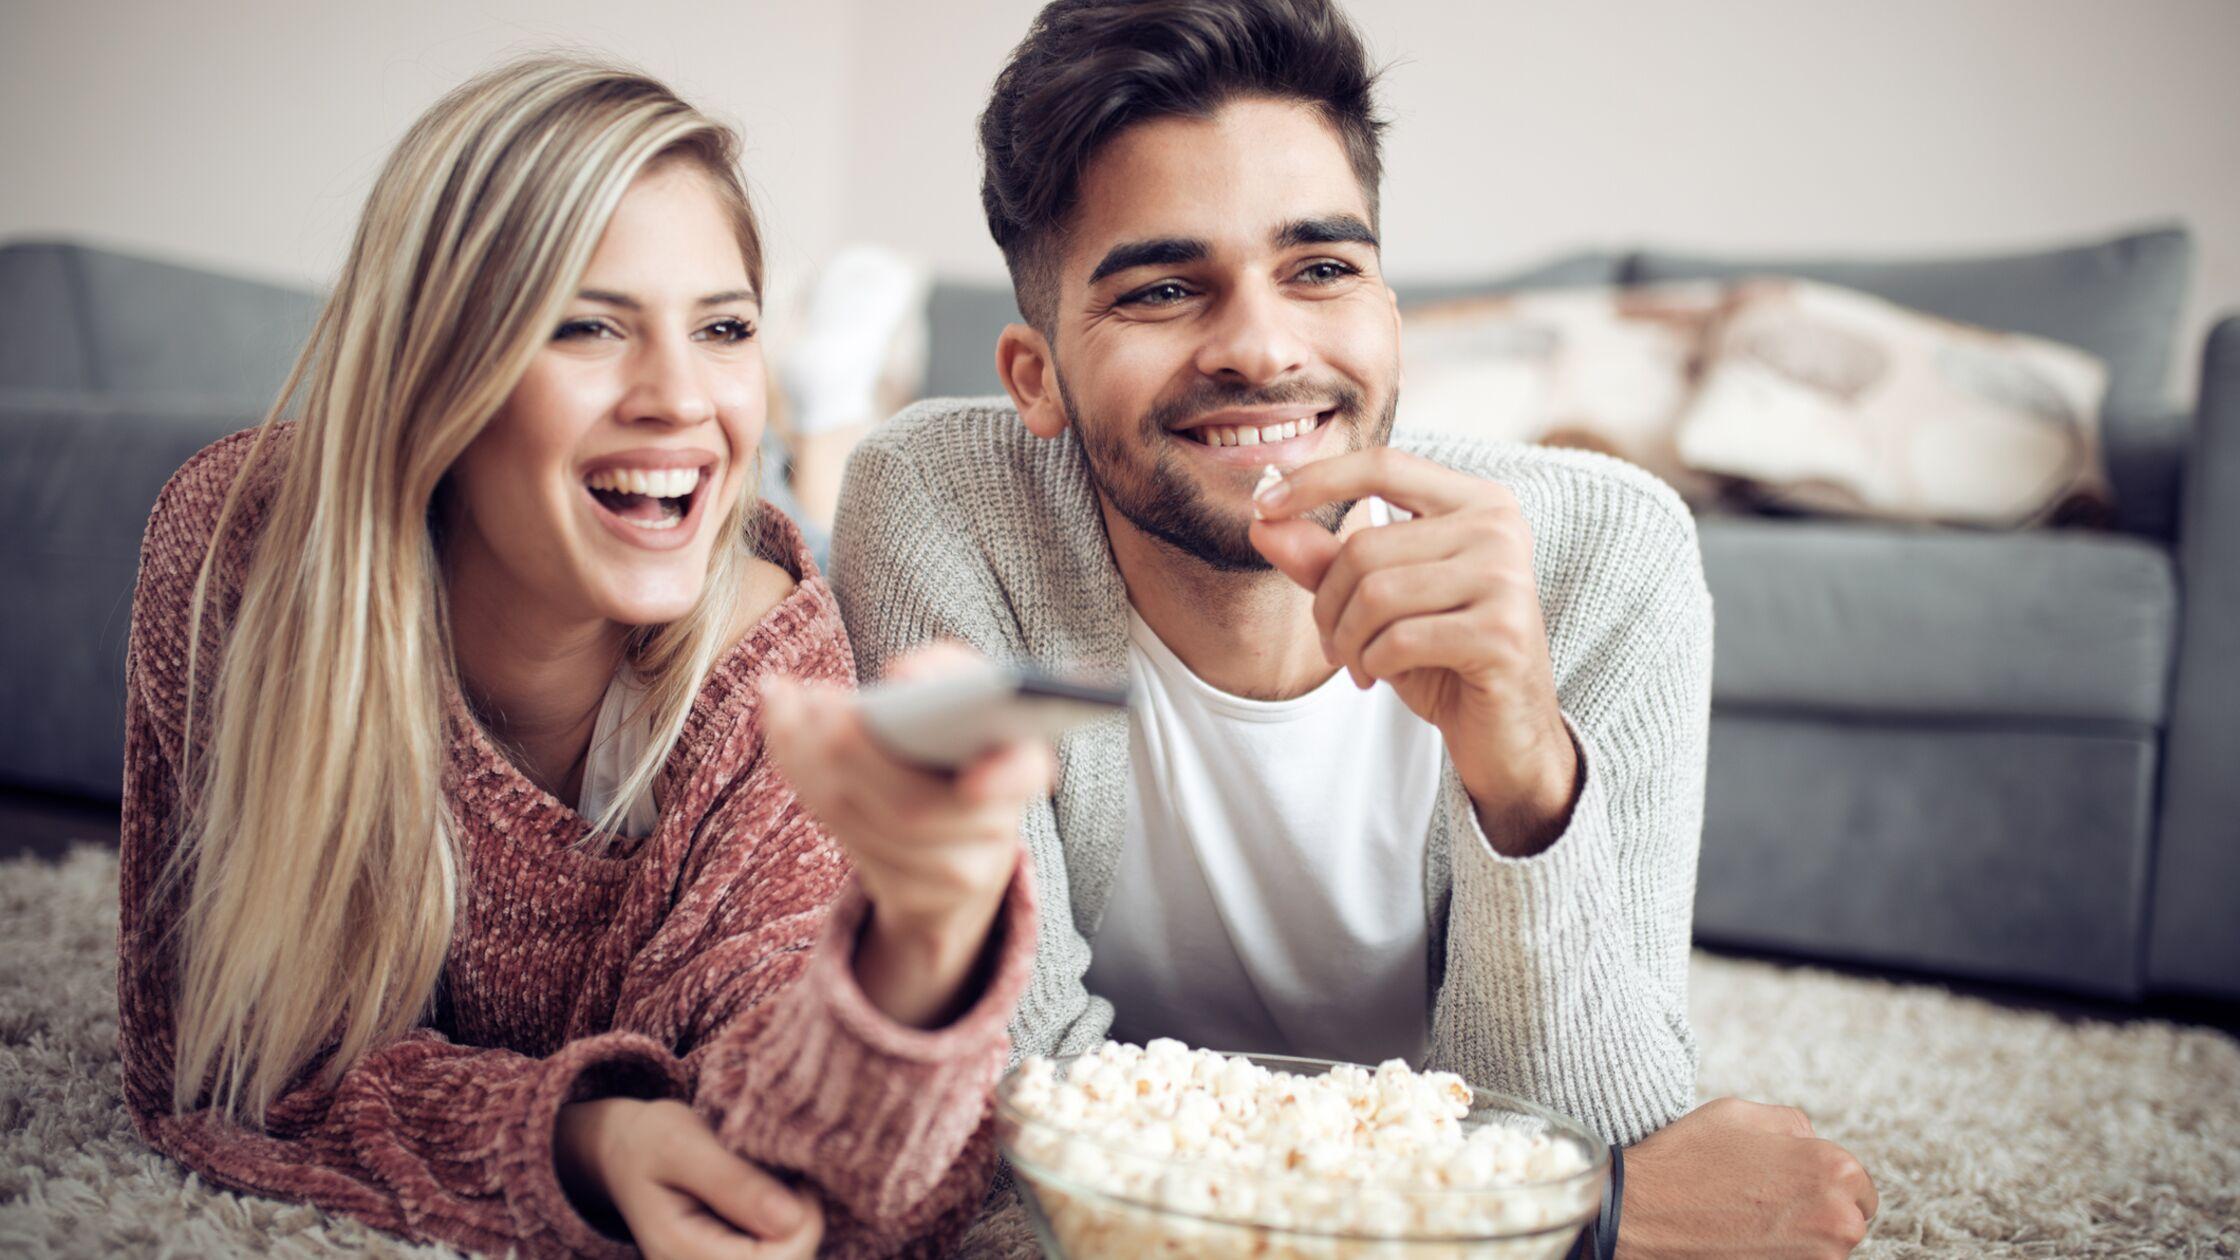 Paar streamt schneller nach Wechsel des Kabelanbieters